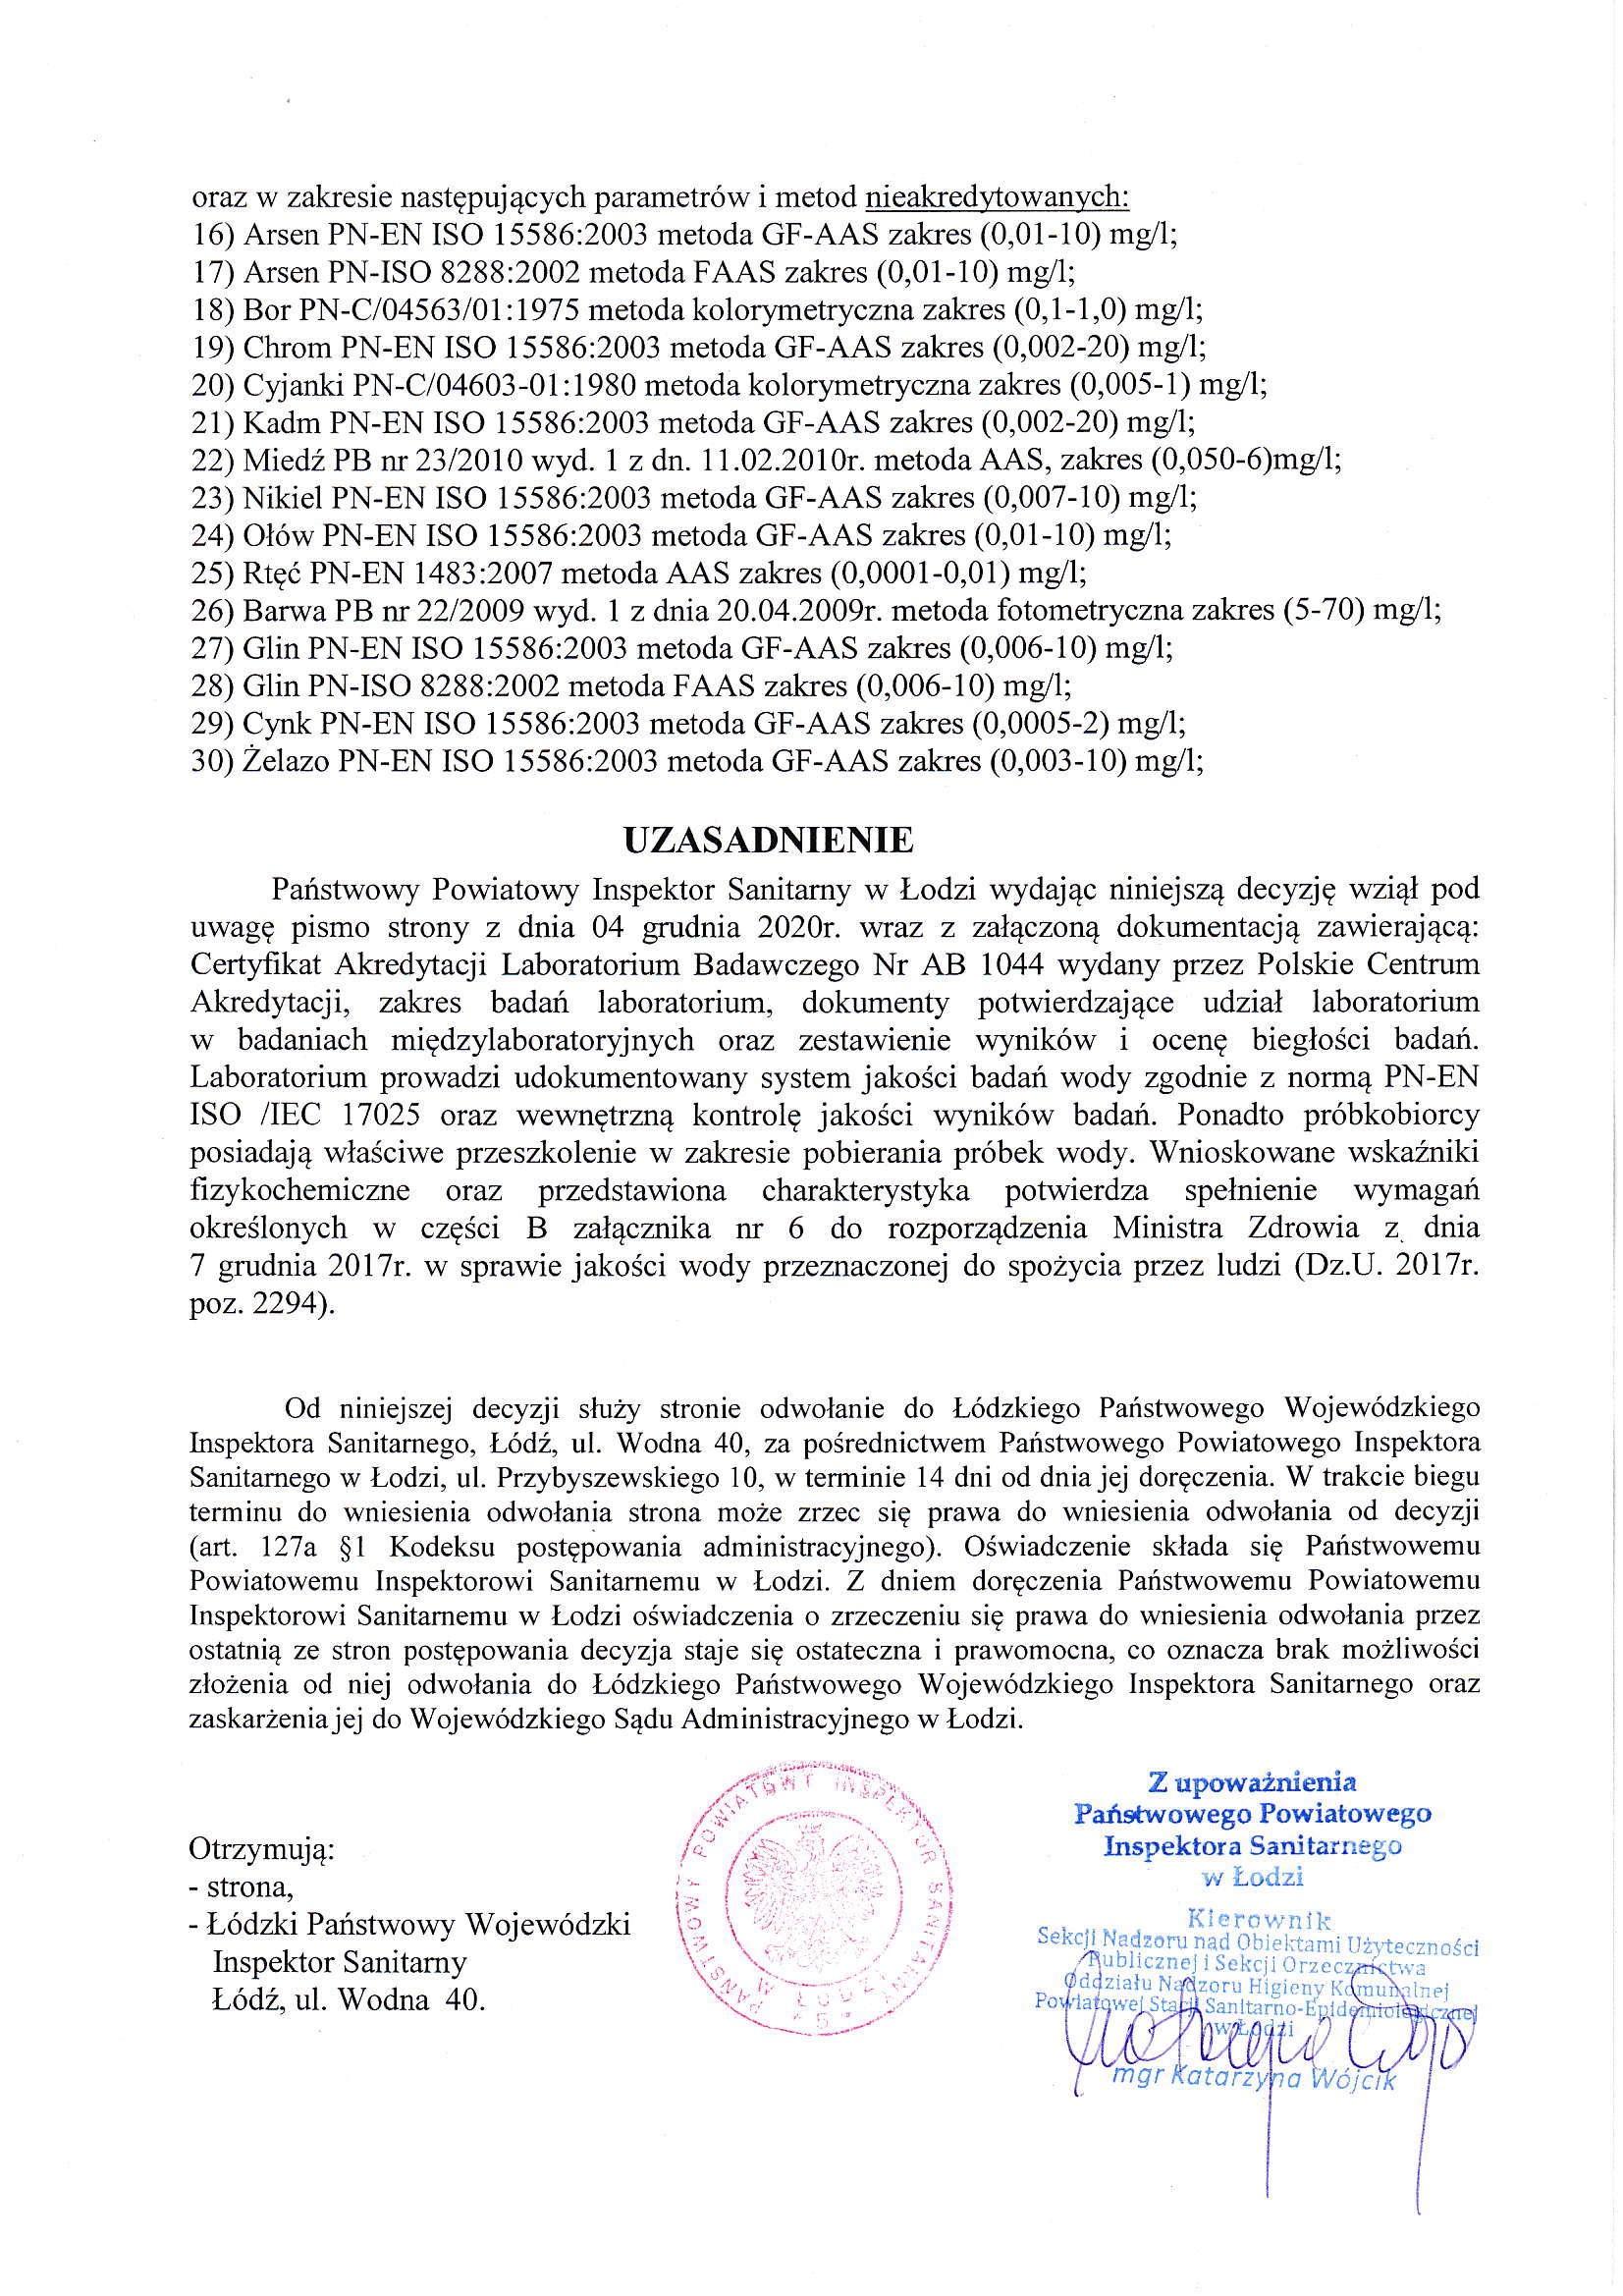 Zatwierdzenie Państwowego Powiatowego Inspektora Sanitarnego